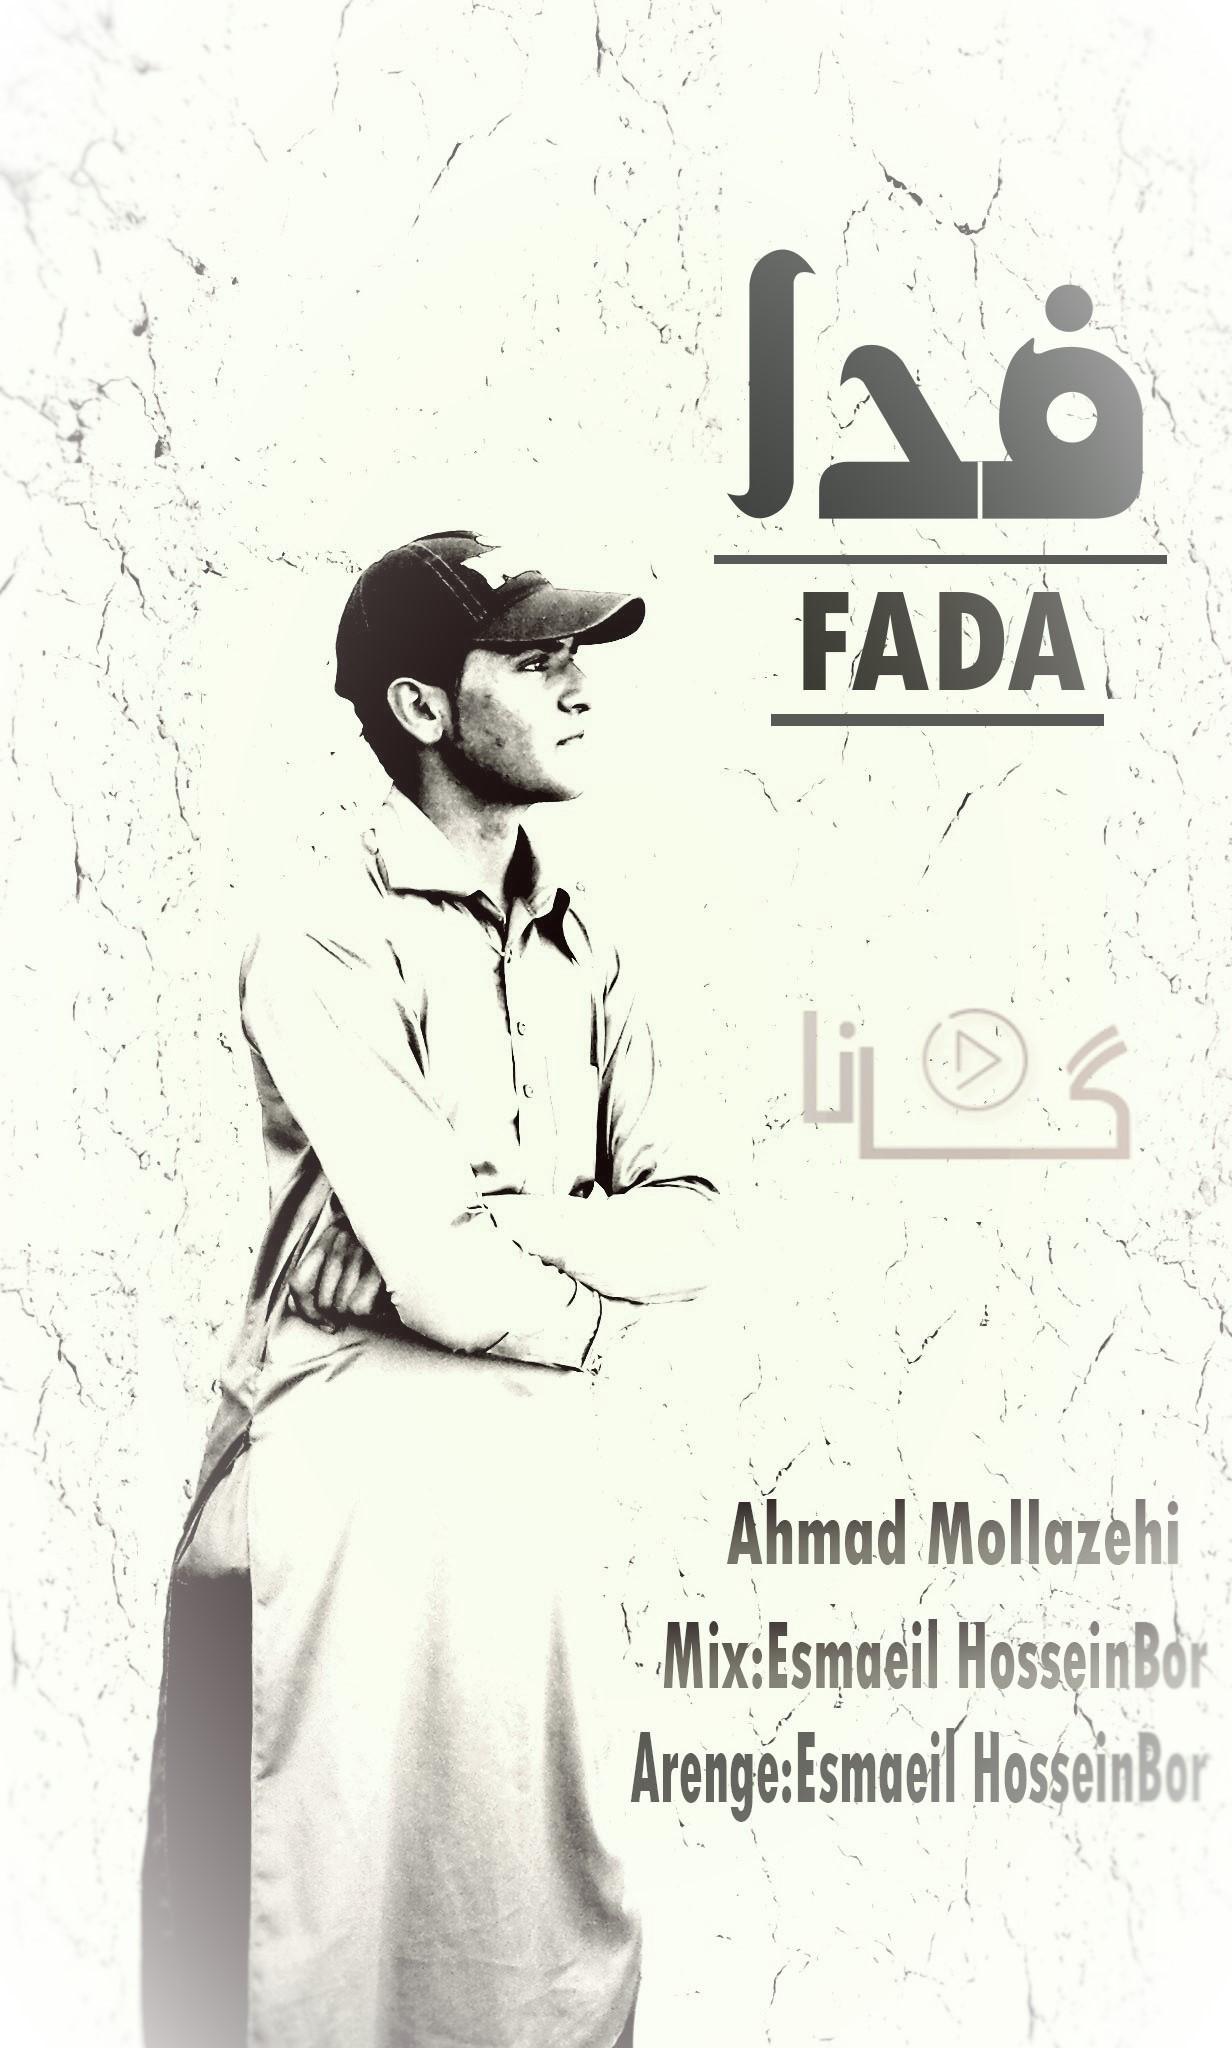 آهنگ بسیار زیبای فدا از احمد ملازهی